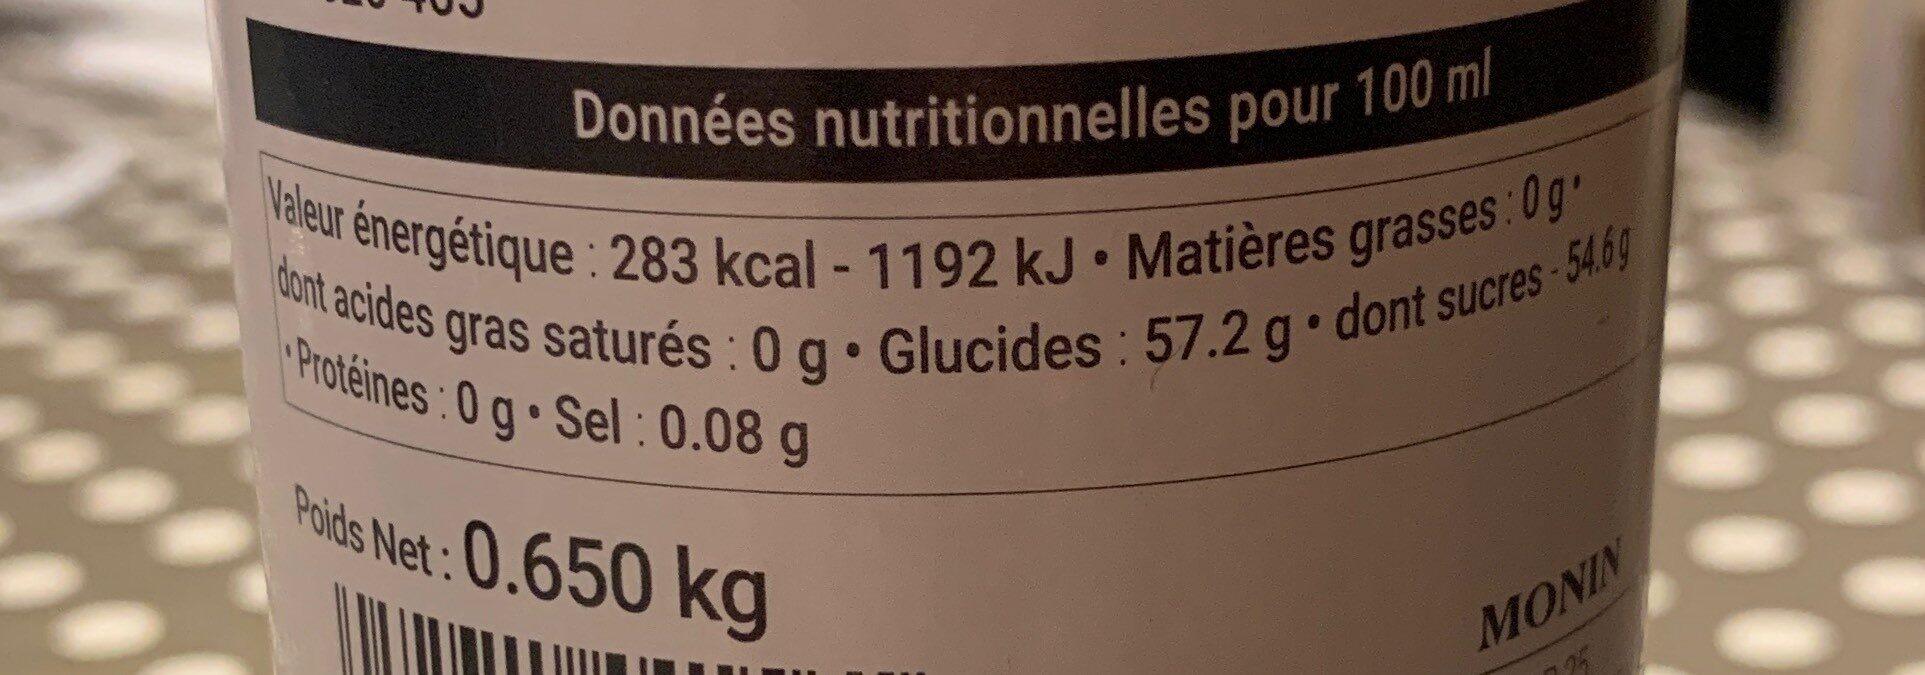 La Sauce de MONIN - Nutrition facts